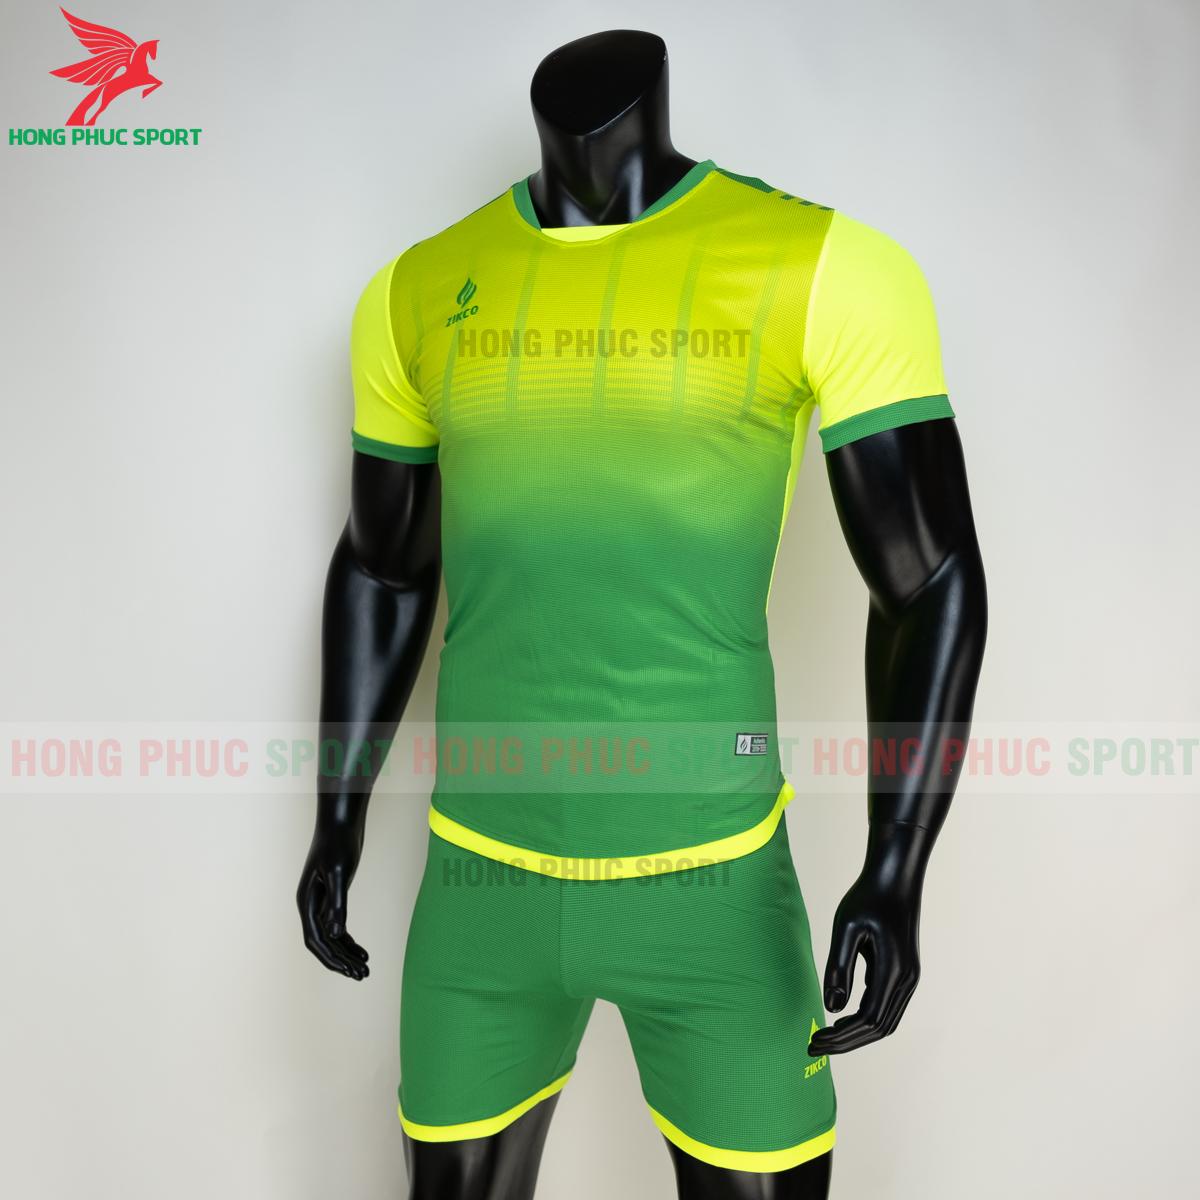 Áo đá banh không logo ZIKCO Z01 2021 màu Xanh chuối (trái)